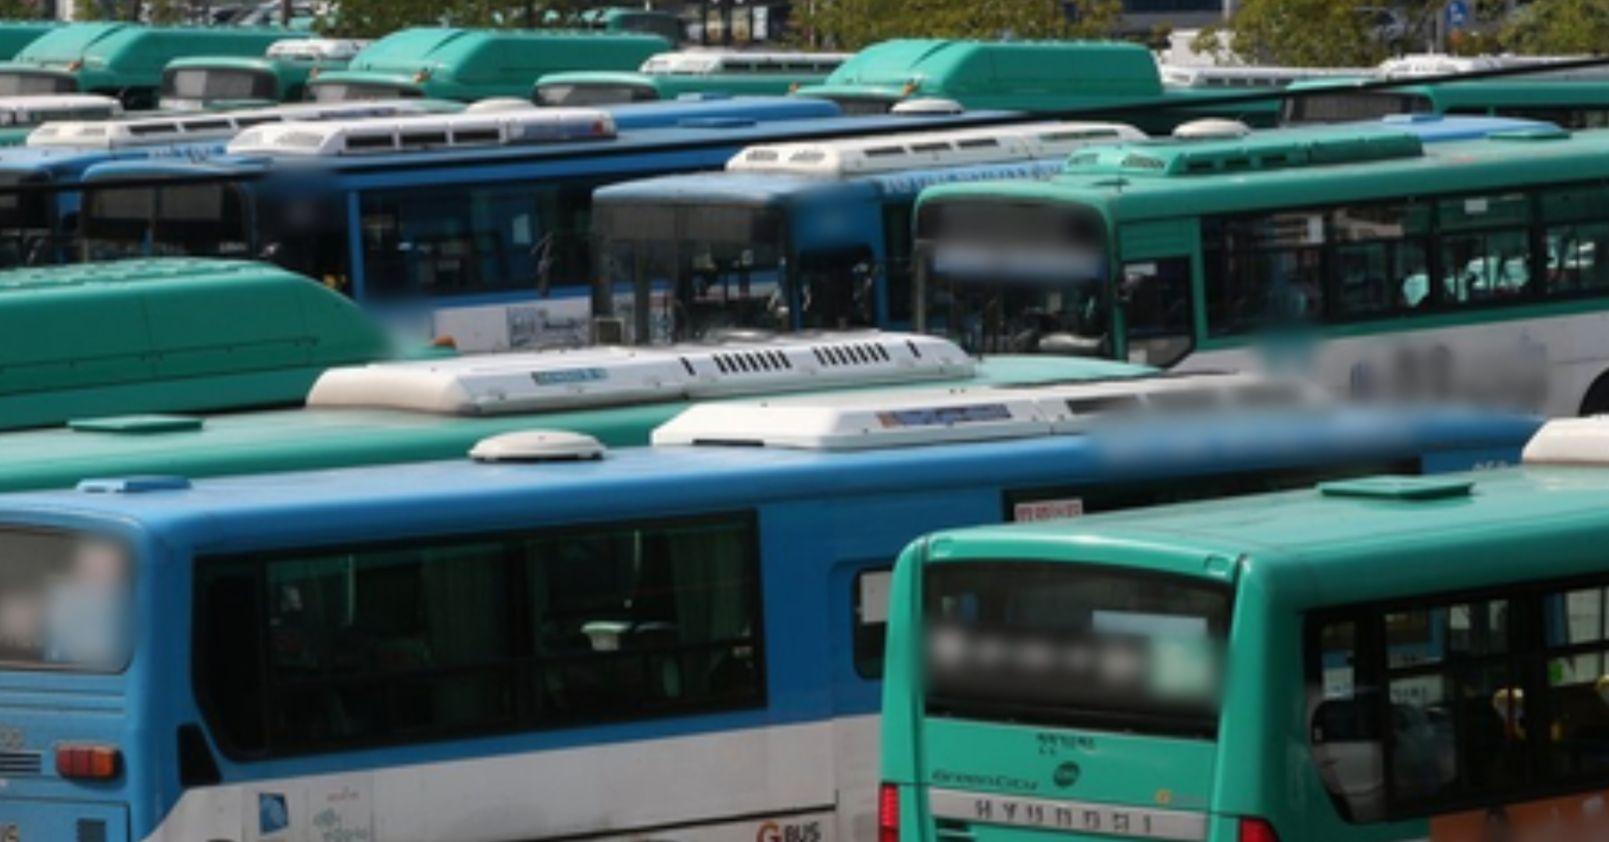 7월부터 300인 이상 노선버스업체에 주 52시간 근로제가 적용된다. [연합뉴스]